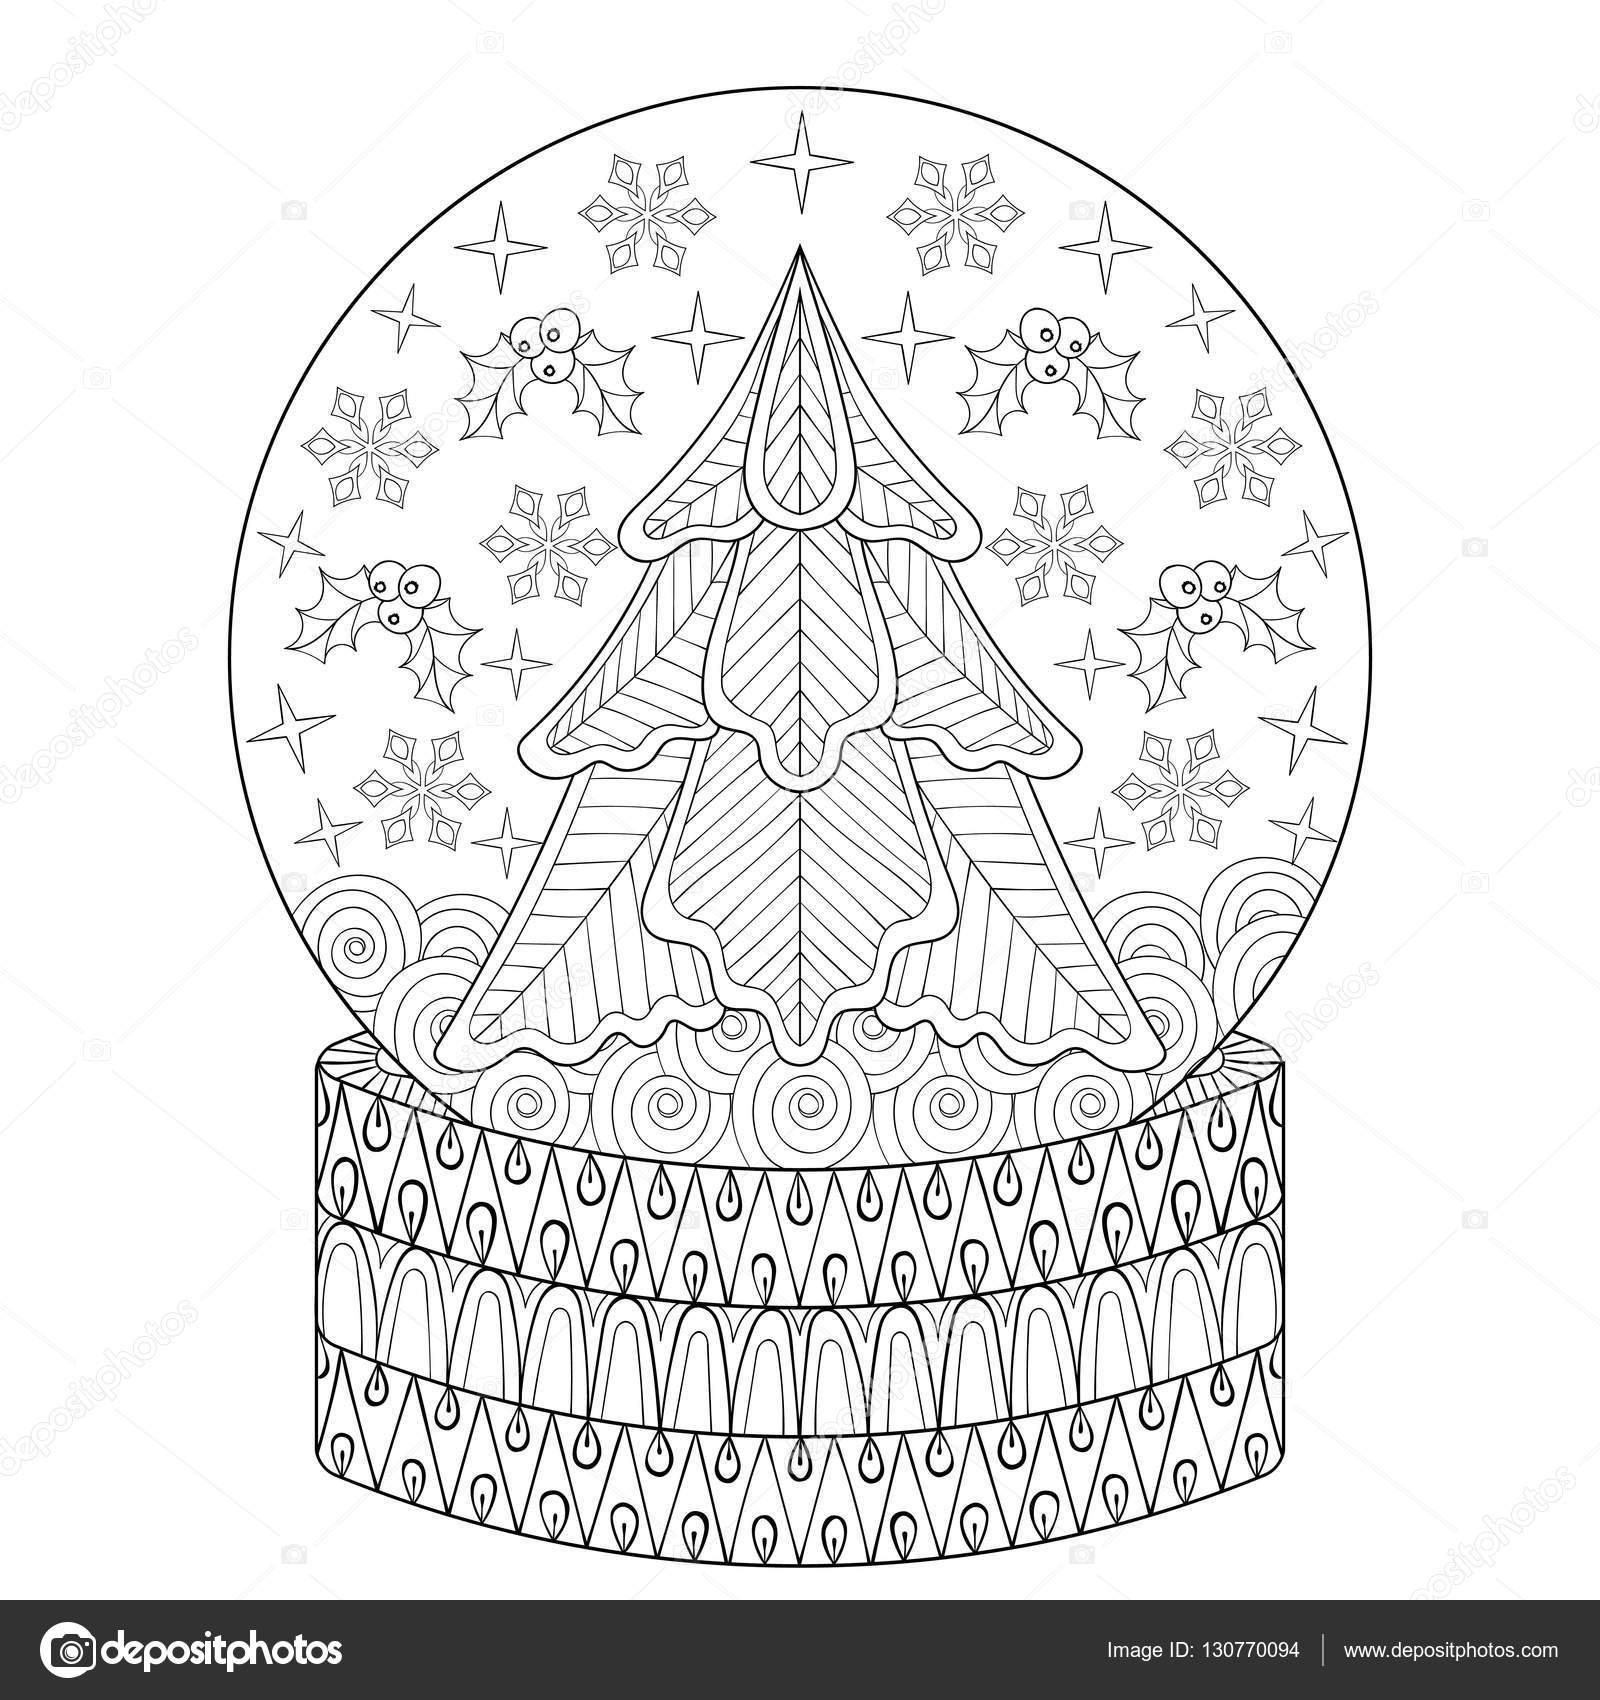 Zentangle vector globo de nieve con árbol de abeto de Navidad, los ...